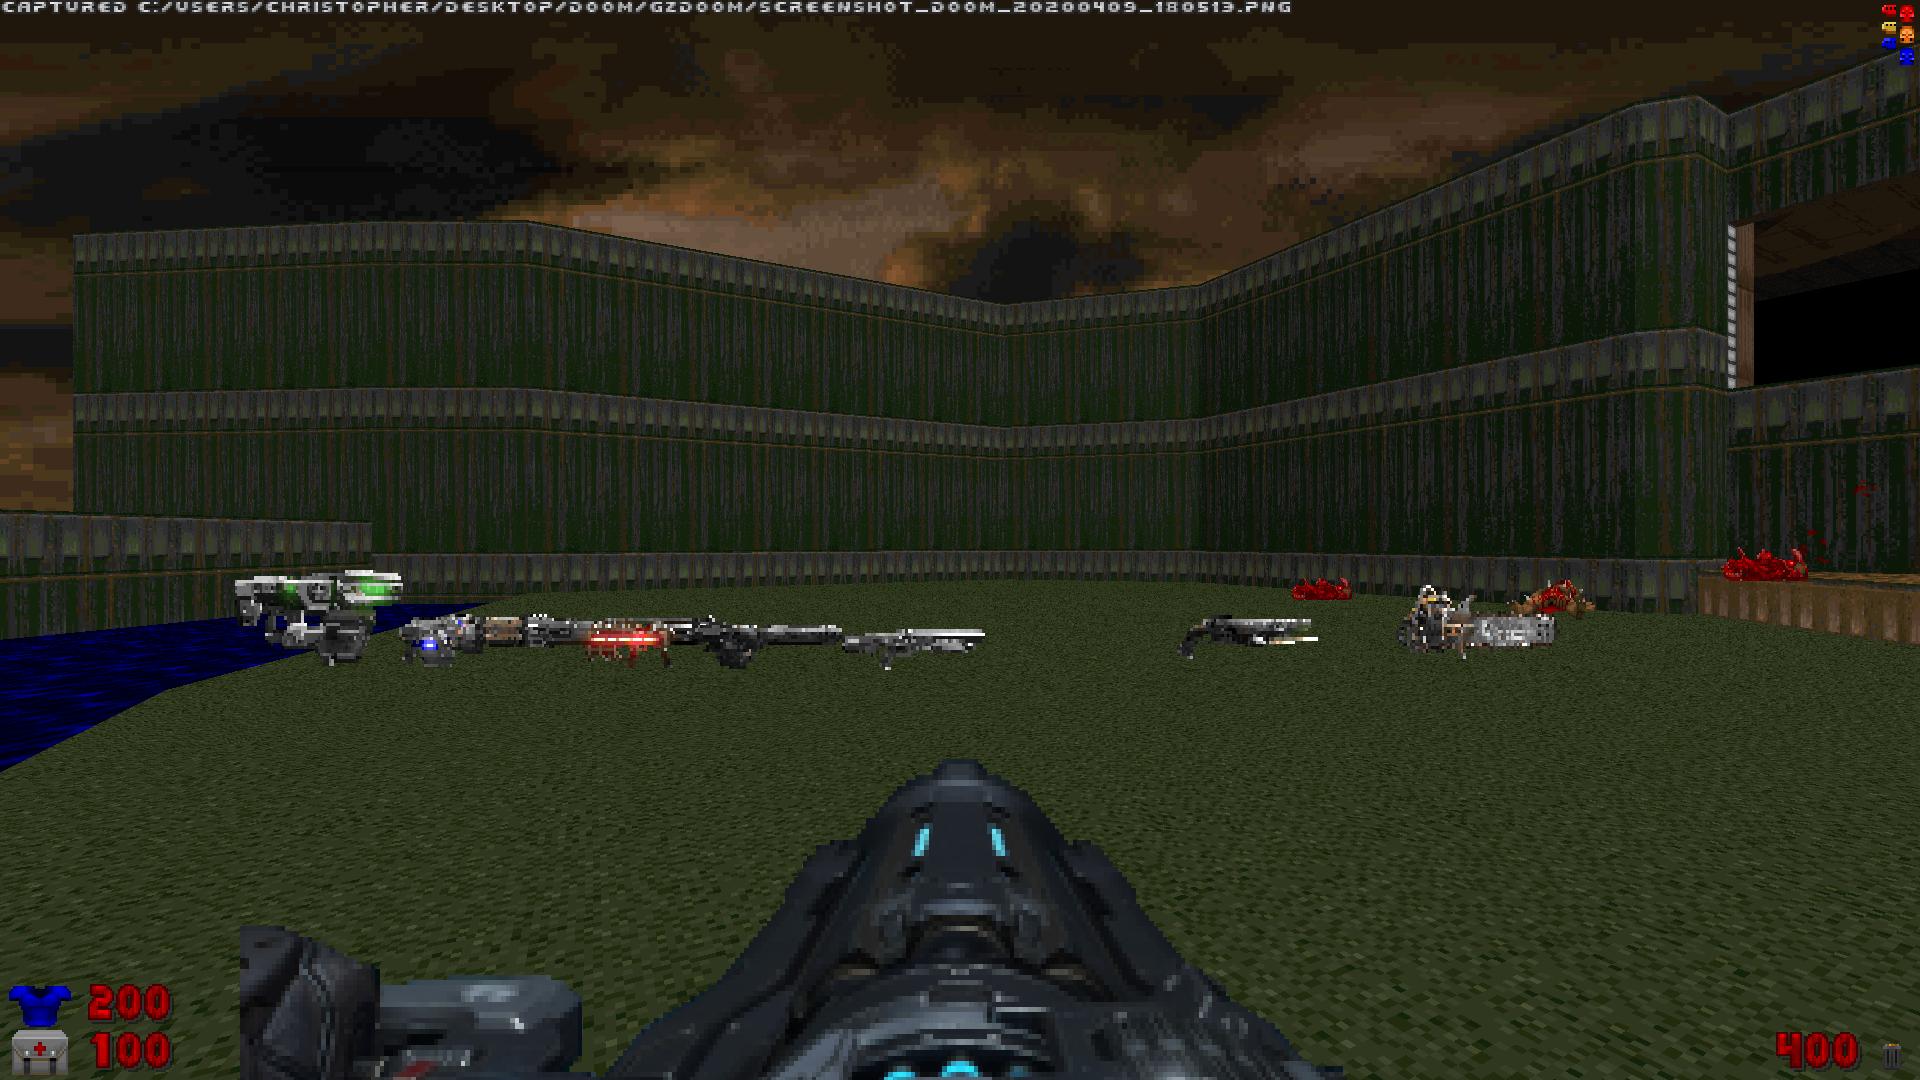 Screenshot_Doom_20200409_180515.png.0f0b10a476222c95feccf1a32abcff4d.png